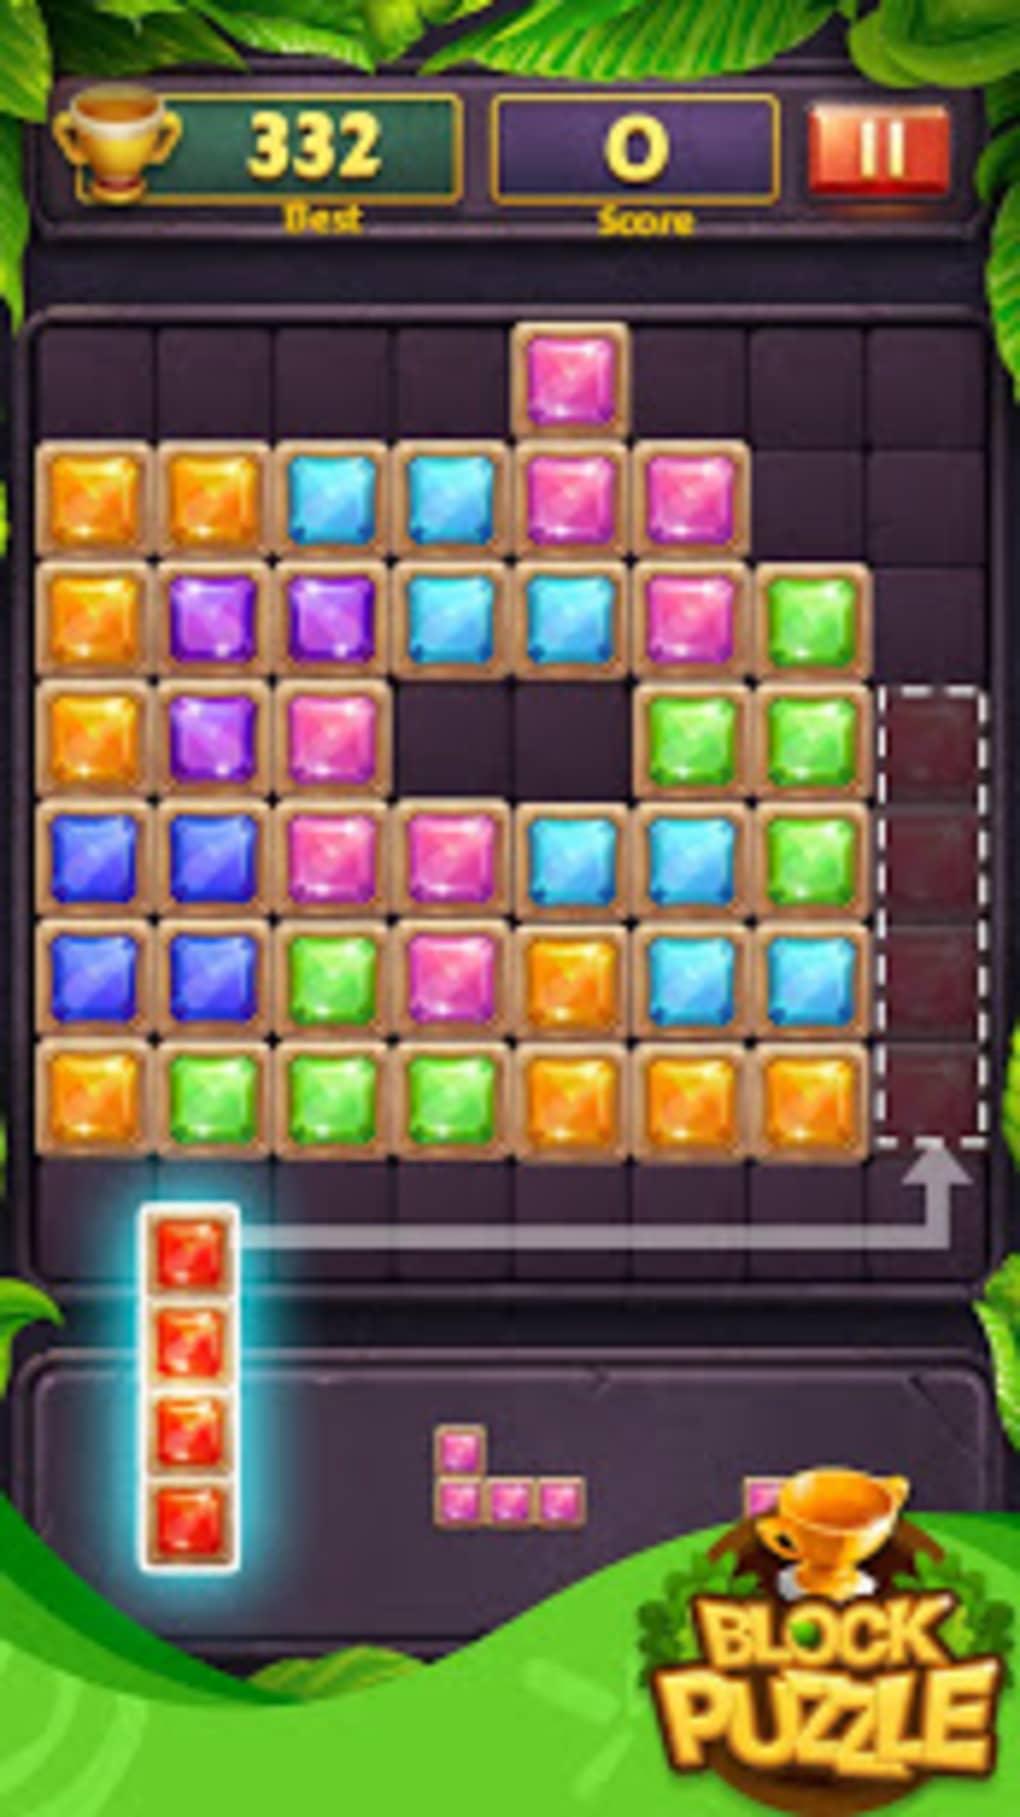 Block Puzzle Jewel Apk Pour Android - Télécharger encequiconcerne Jeu De Puzzl Gratuit